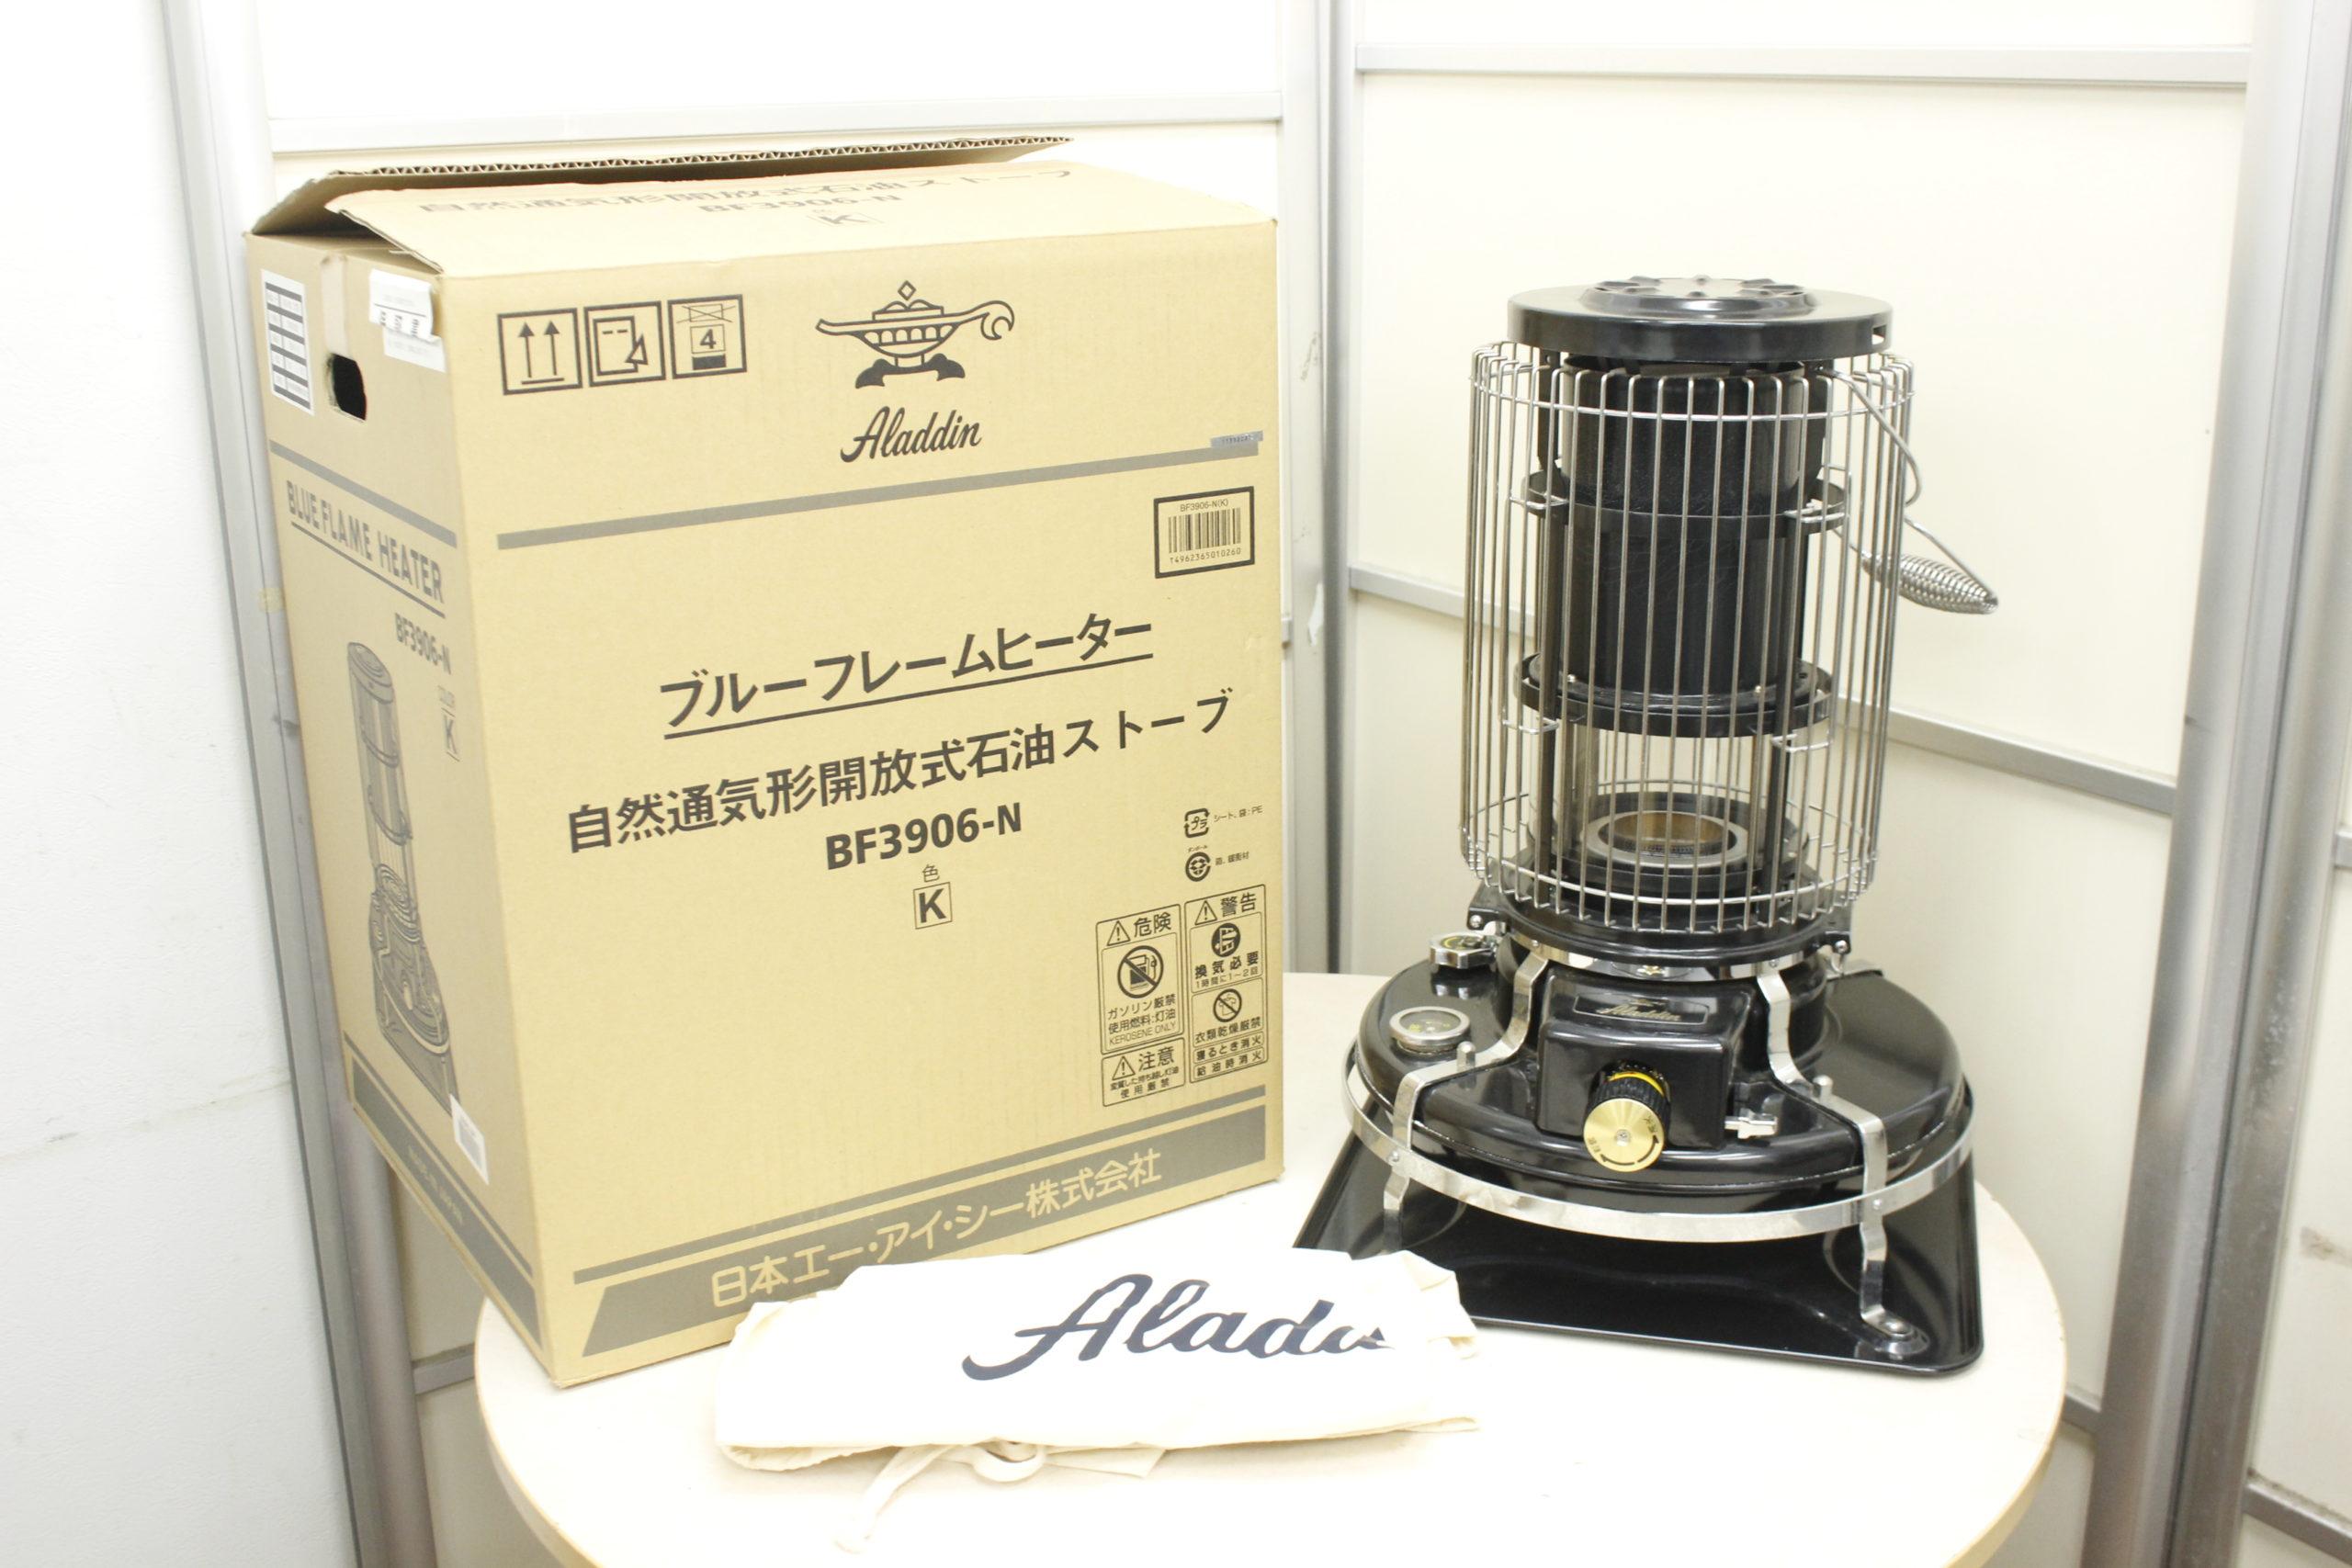 (福岡市中央区)アラジン ブルーフレームヒーター ブラック BF3906 オシャレなカラー 高額買取!!の買取-